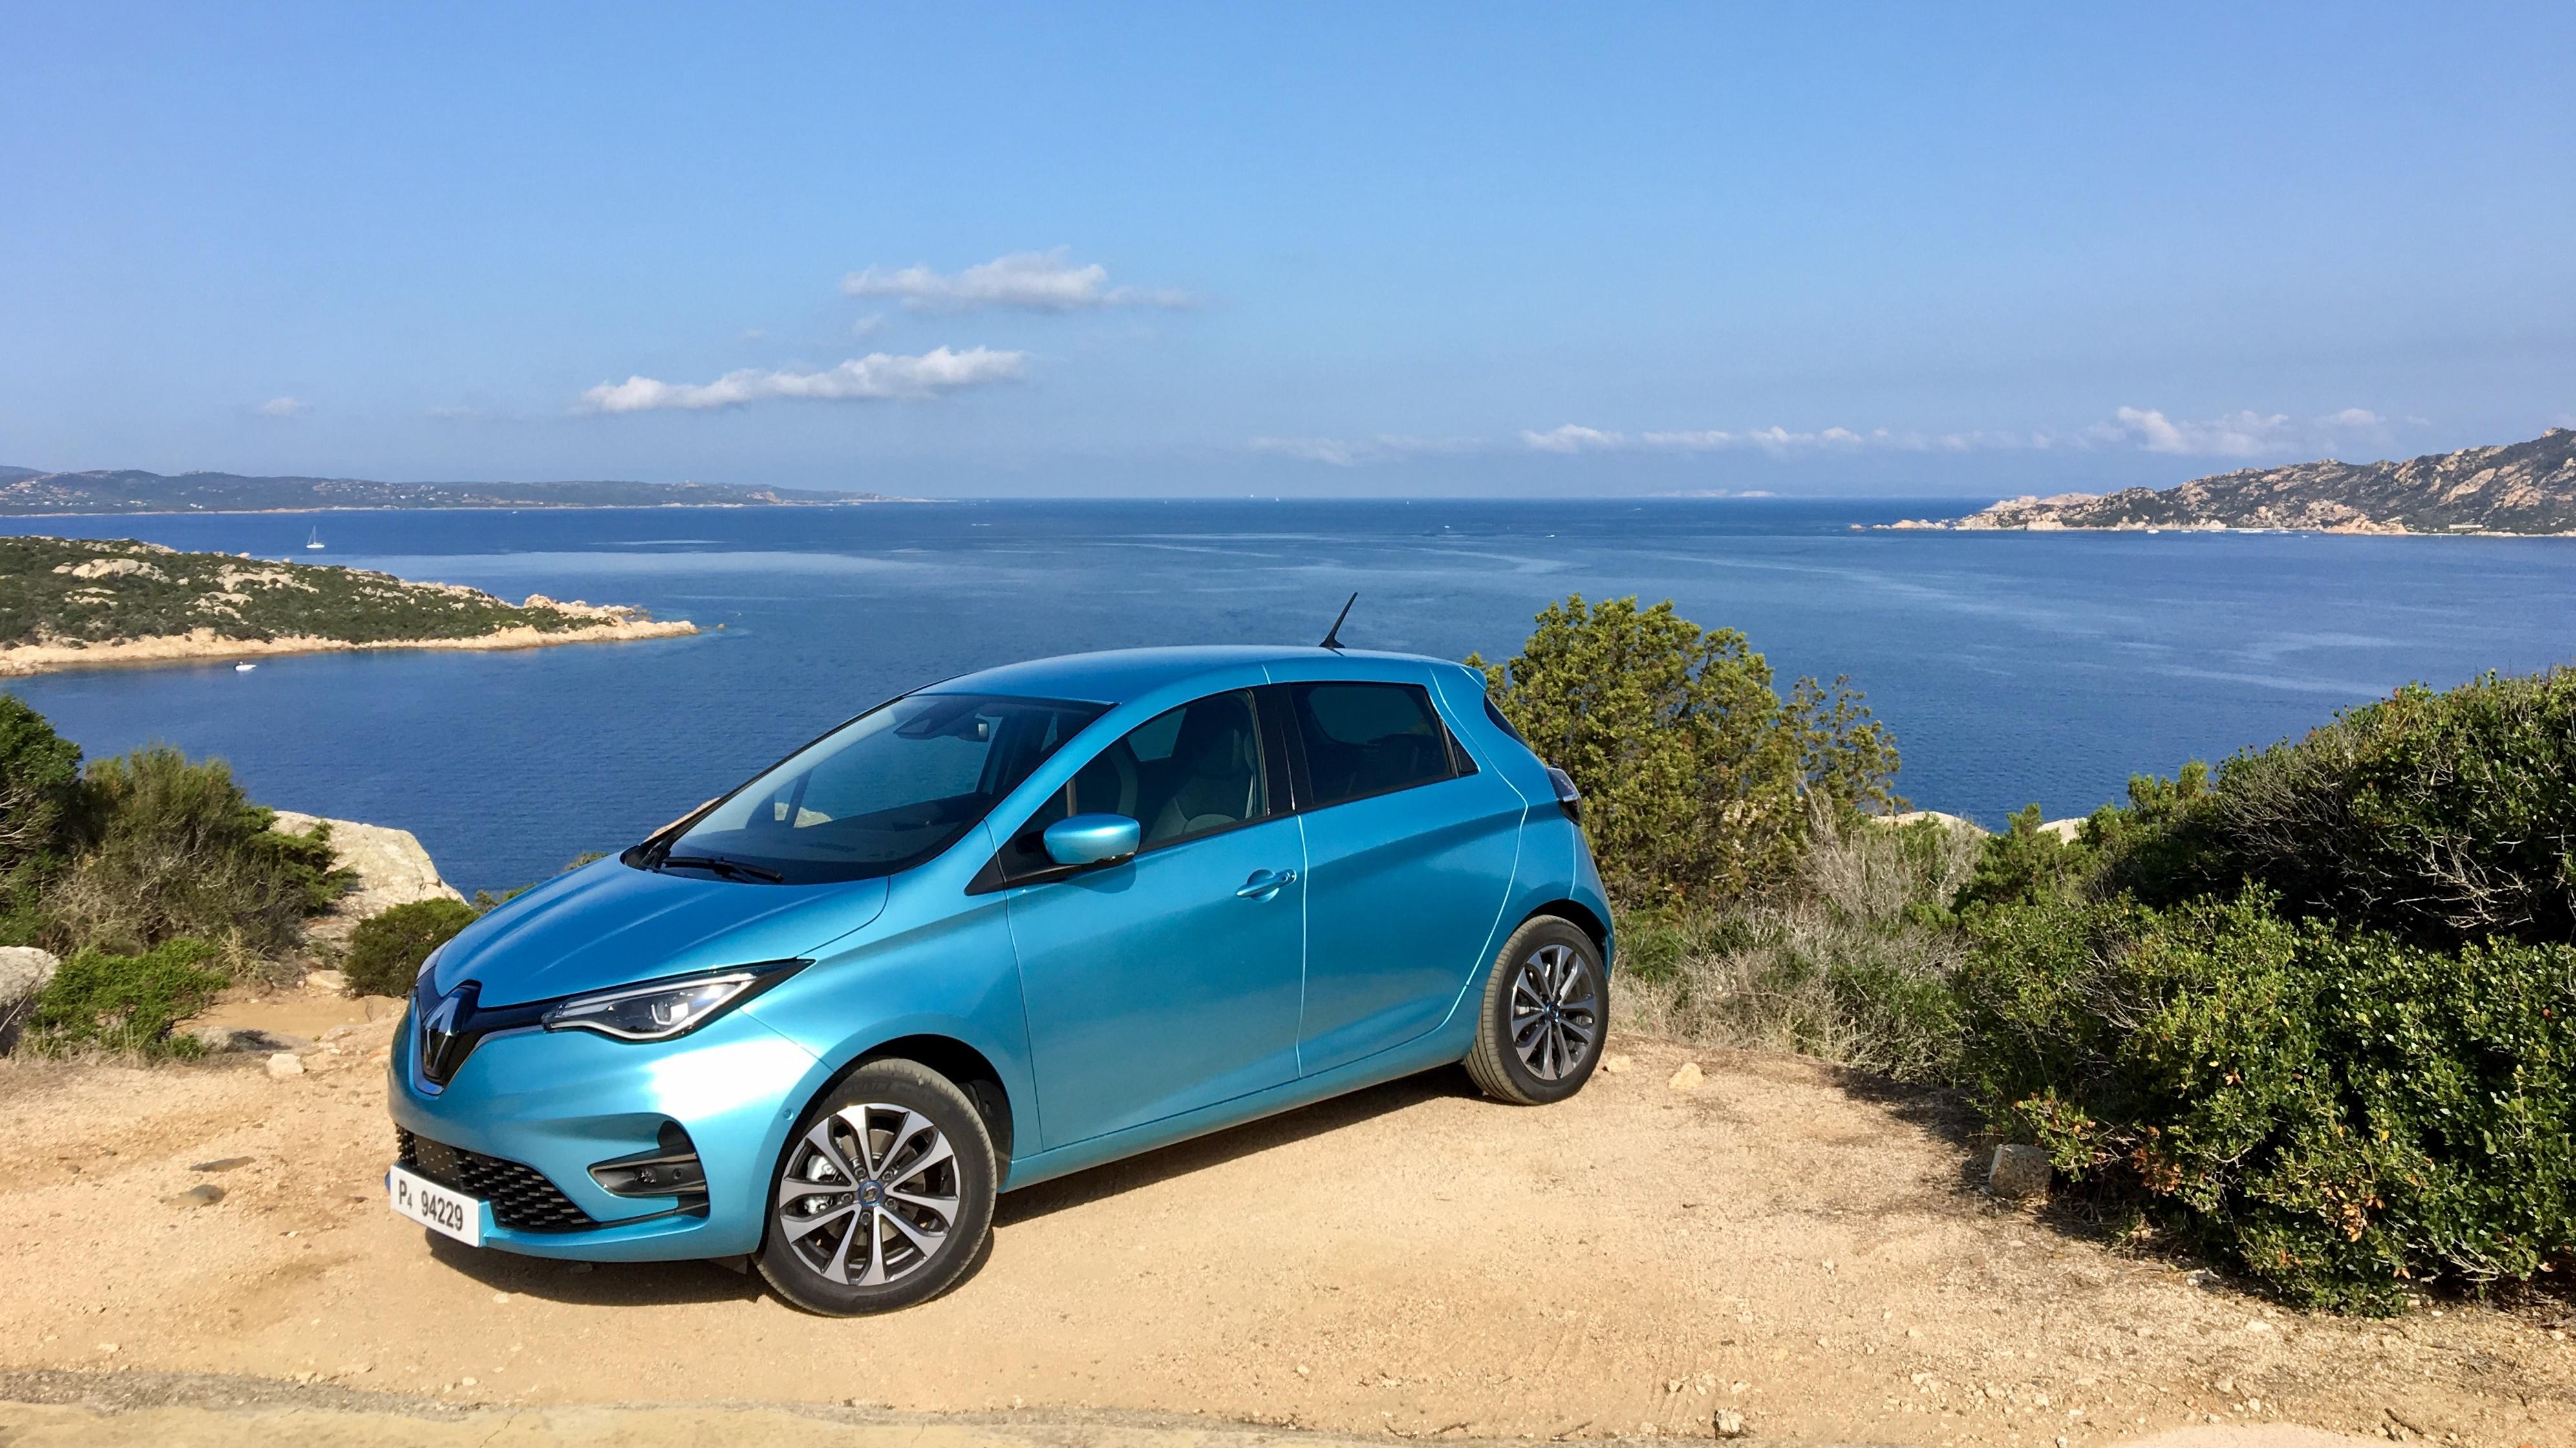 2019 - [Renault] ZOE 2 - Page 19 S0-essai-video-renault-zoe-ze50-2019-pour-rester-dans-la-course-603638